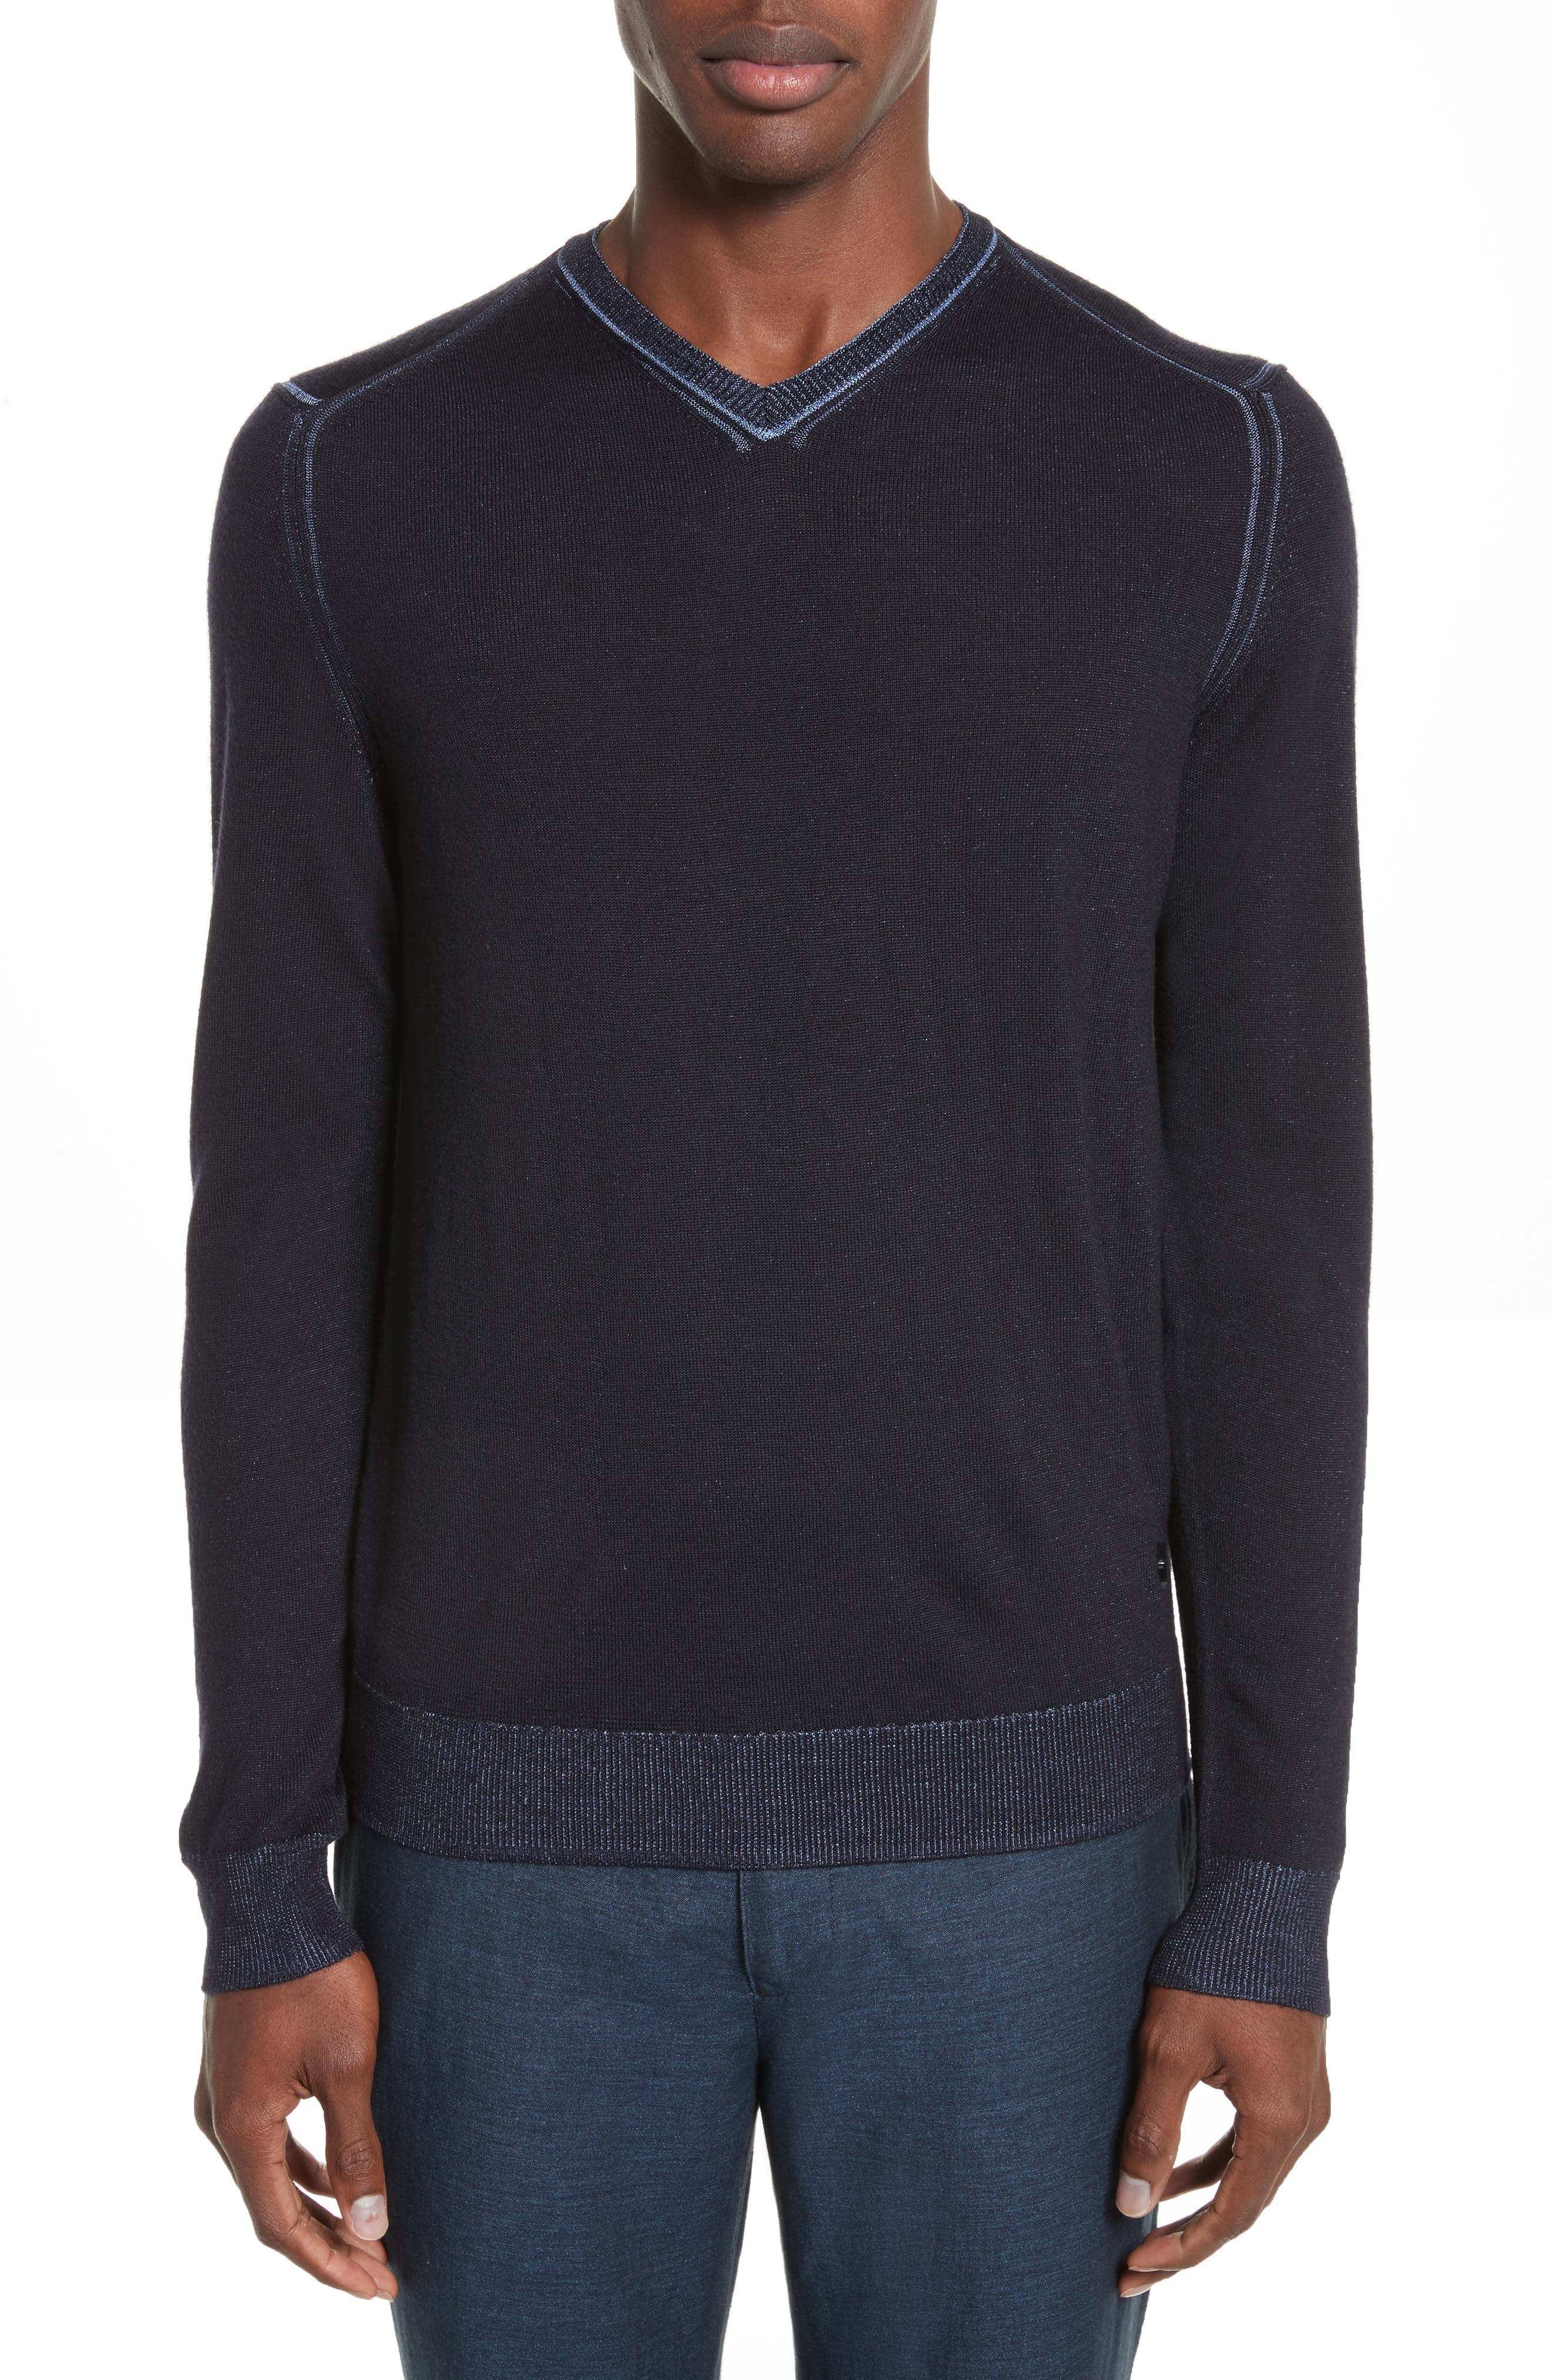 AJ V-Neck Sweater,                             Main thumbnail 1, color,                             Night Blue